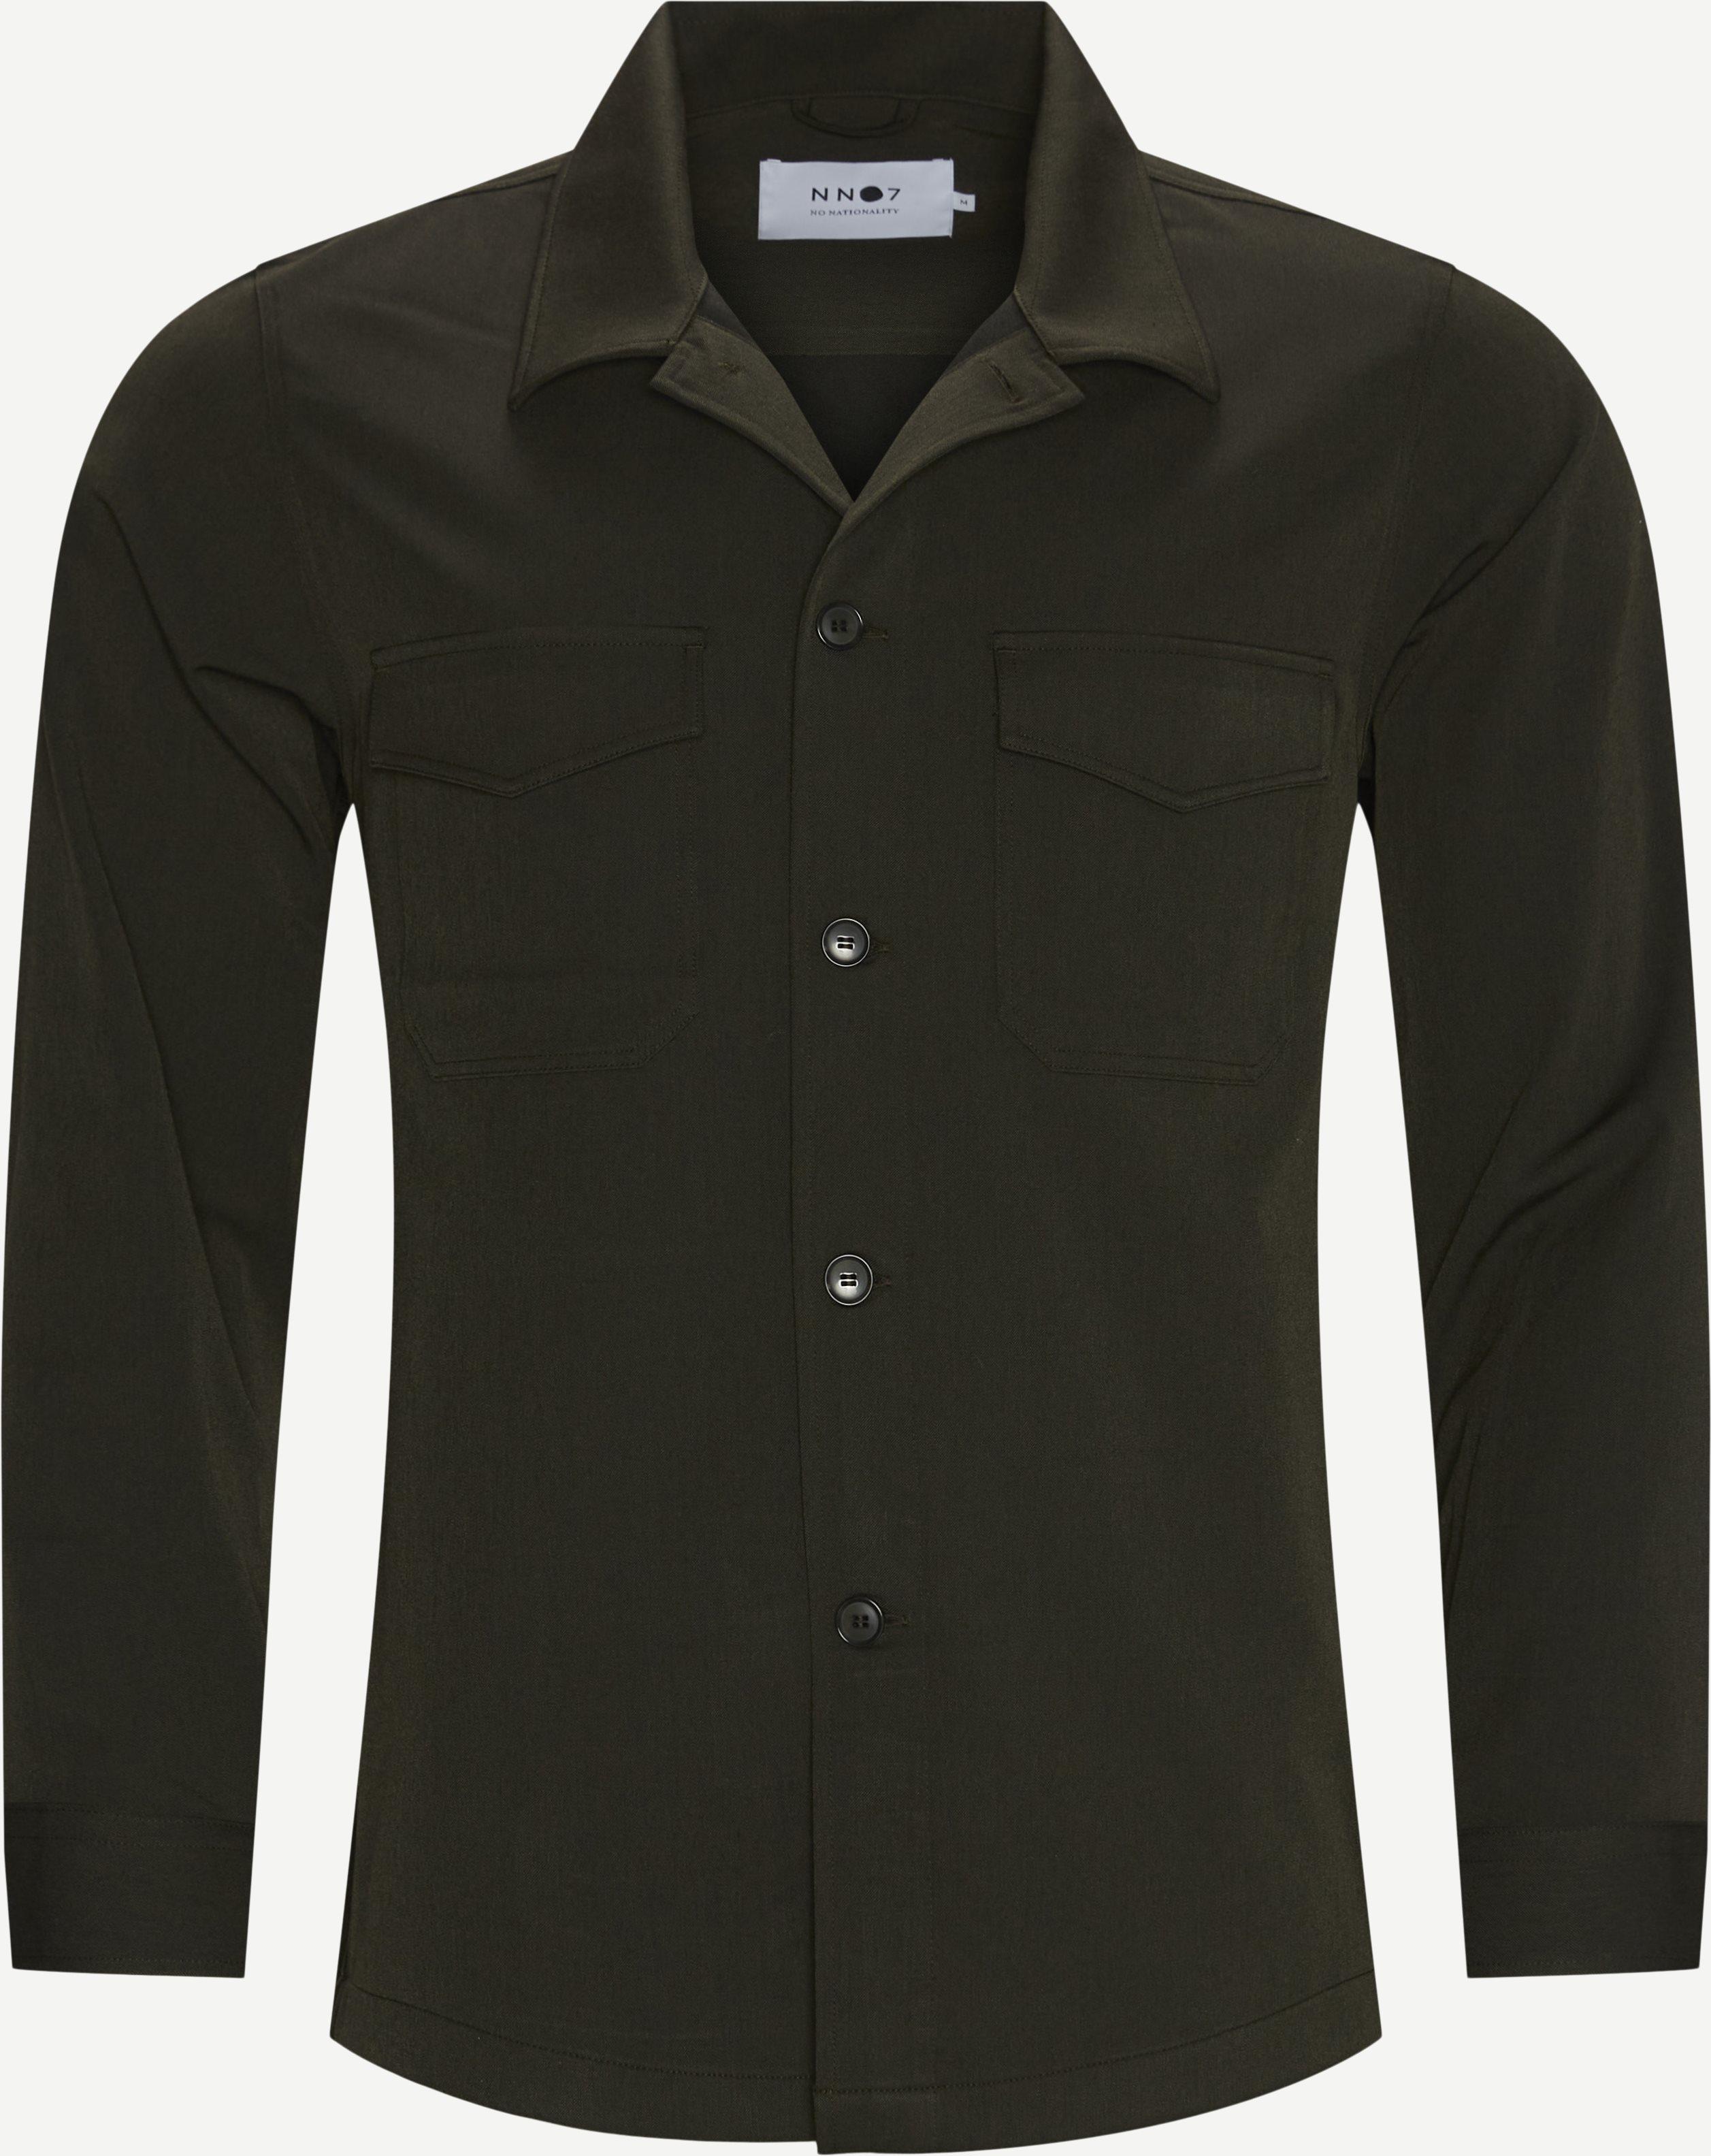 Bernard 1250 Overshirt - Overshirts - Regular fit - Army